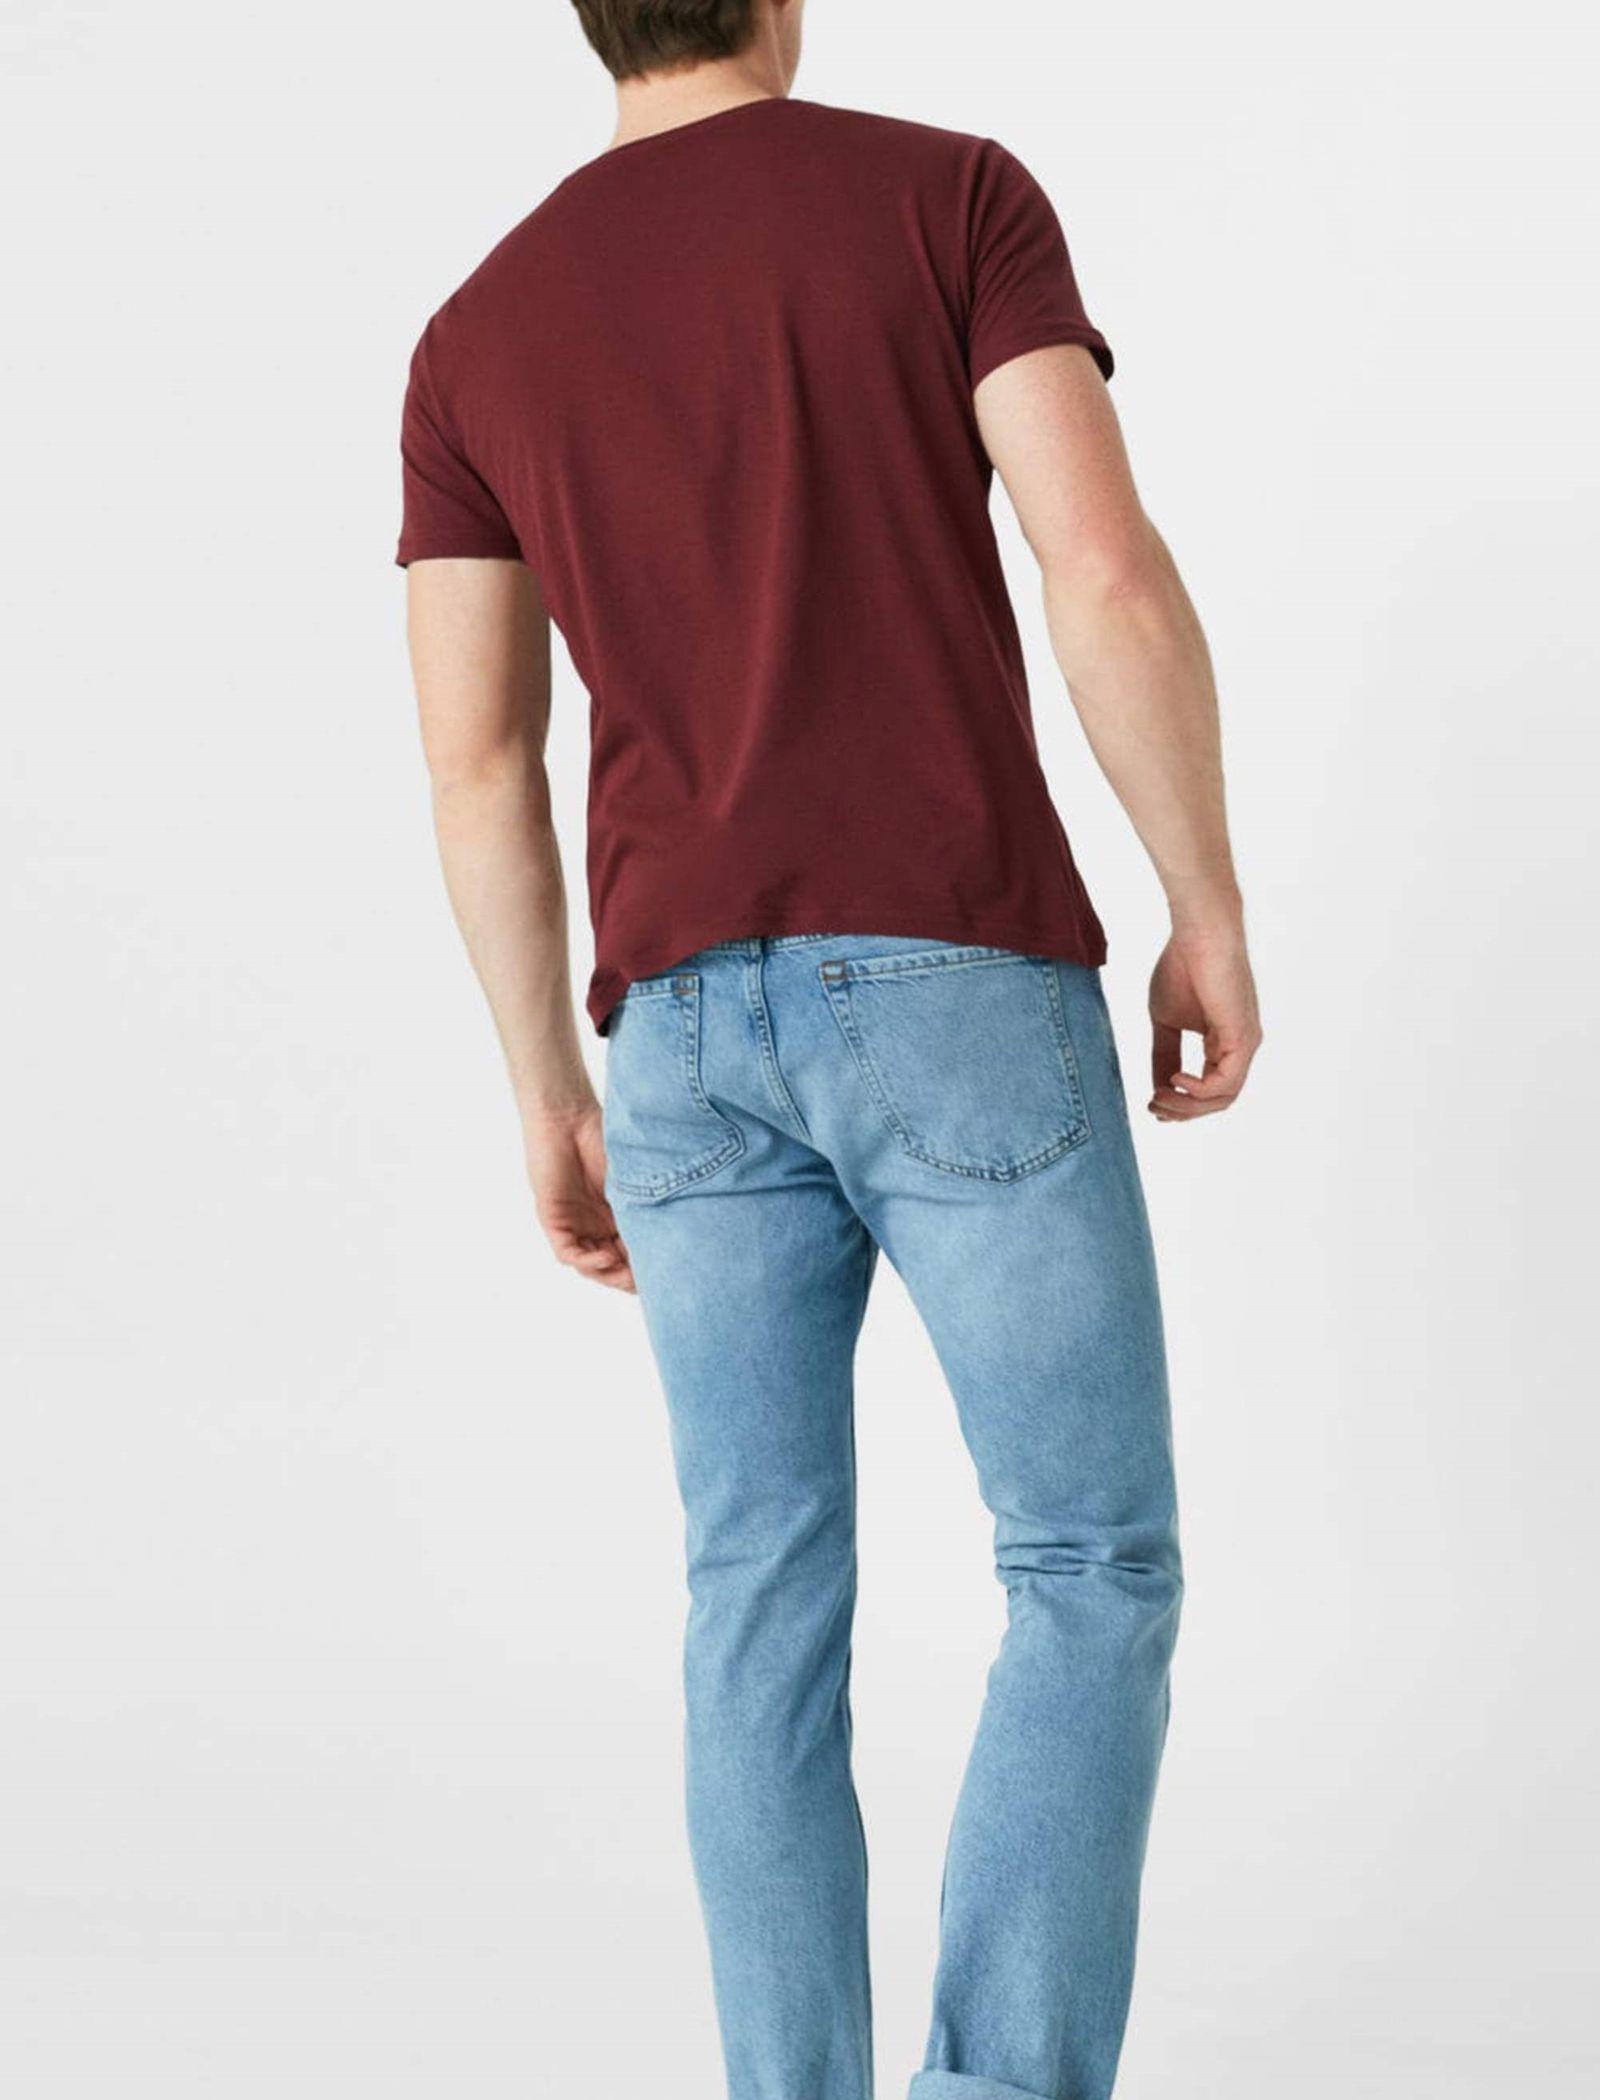 تی شرت نخی یقه گرد مردانه - مانگو - قرمز تيره - 3